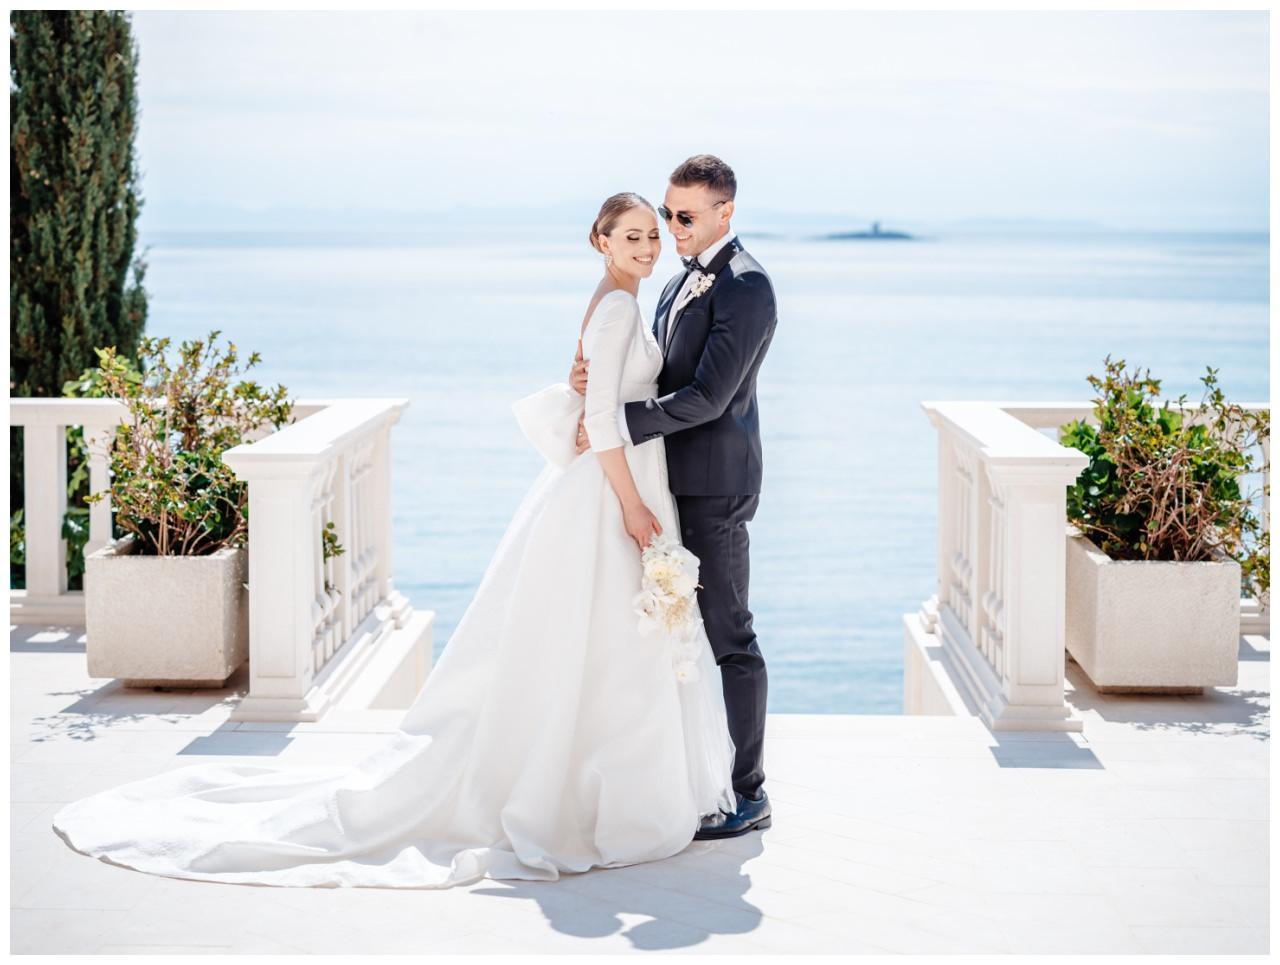 Hochzeit Kroatien Hochzeitsplanung Hochzeitsplaner Fotograf 30 - Luxuriöse Hochzeit in Weiß